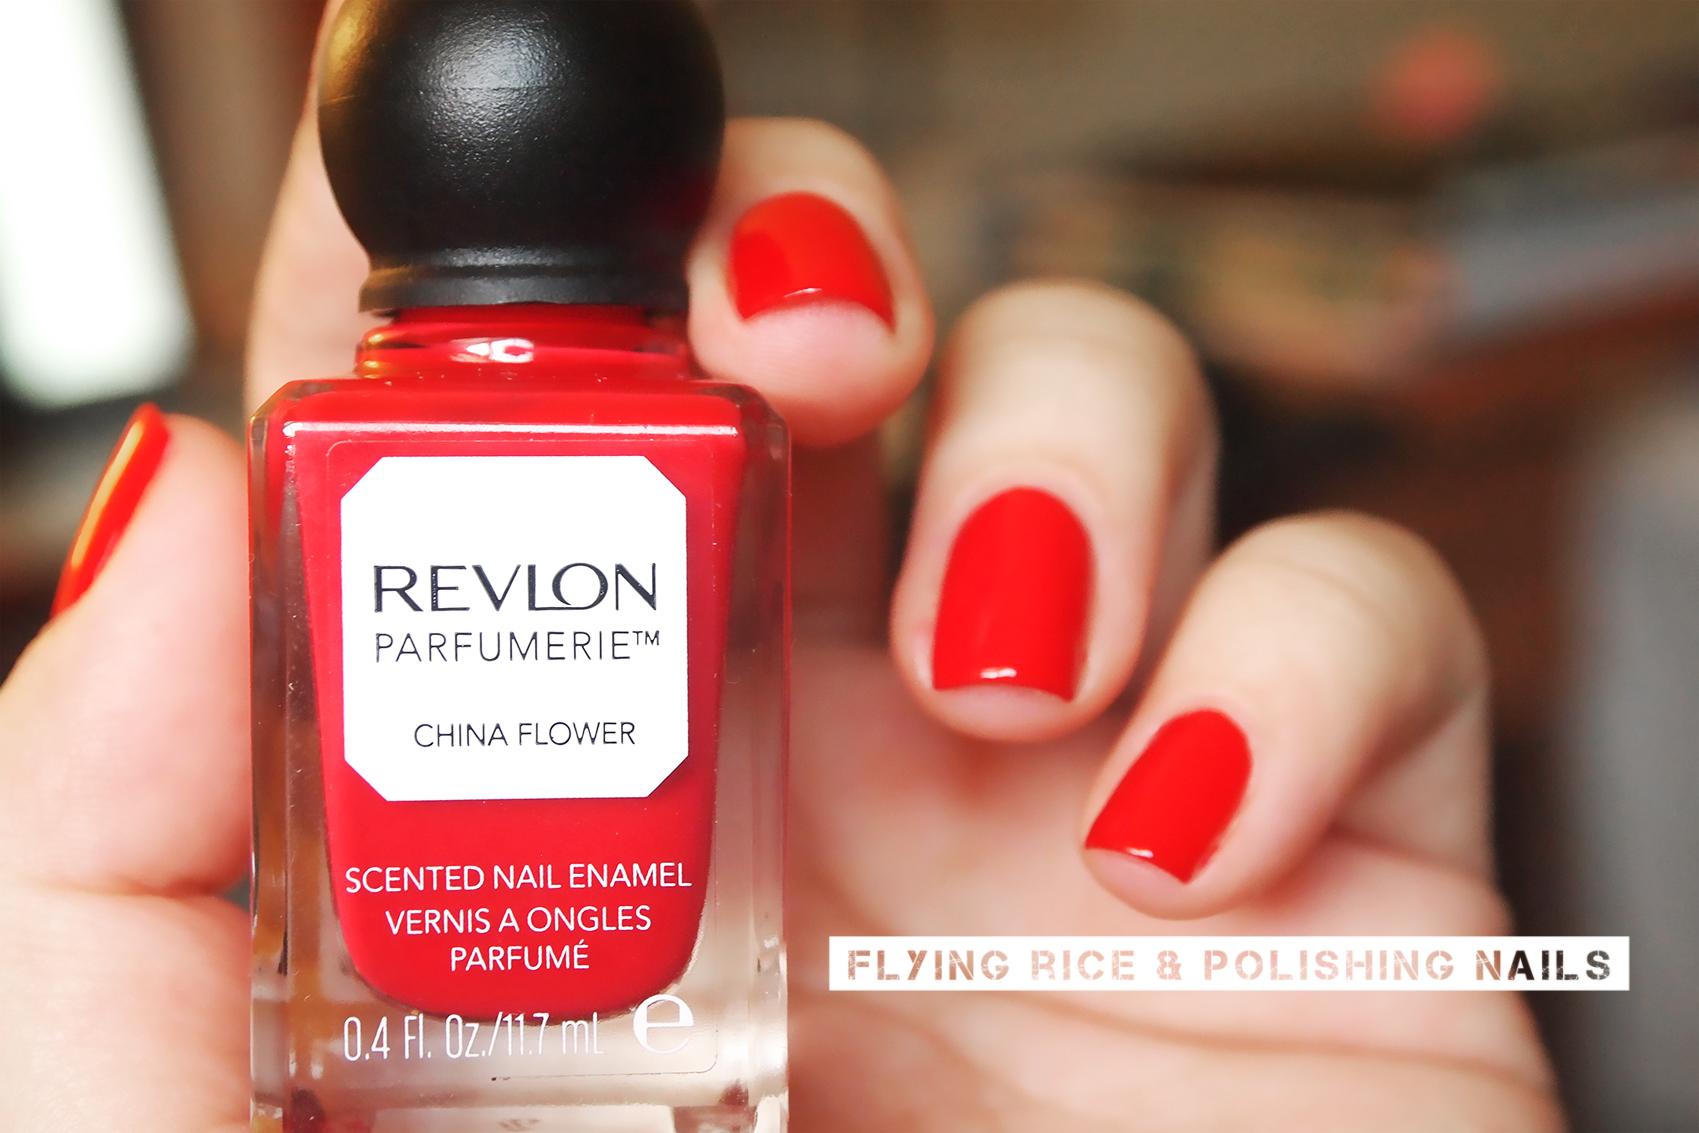 revlon parfumerie sniff test: that\'s one hot flower | flying rice ...